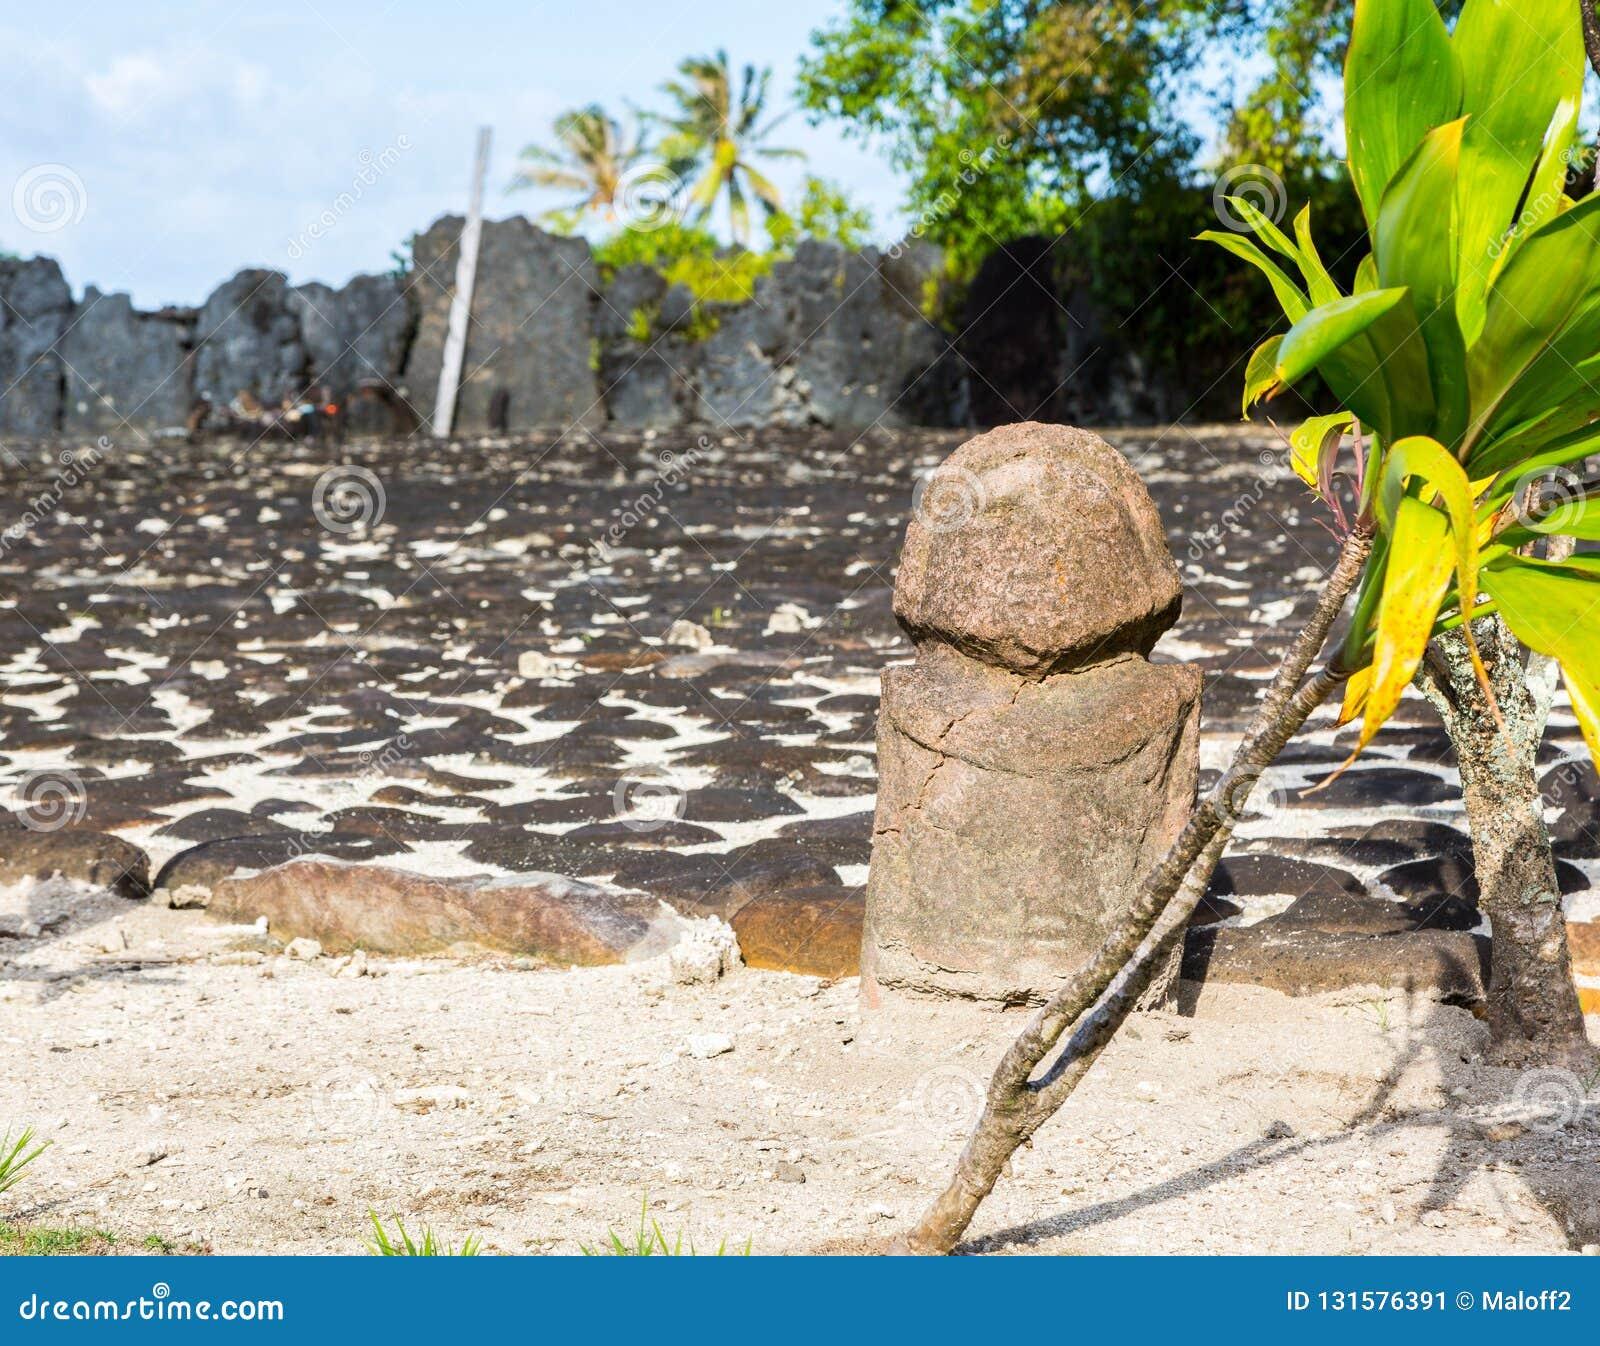 Oryginalny antyczny kamień rzeźbił tik polinezyjczyka idola świętą statuę, miejsce Marae Taputapuatea, Raiatea Społeczeństwo wysp